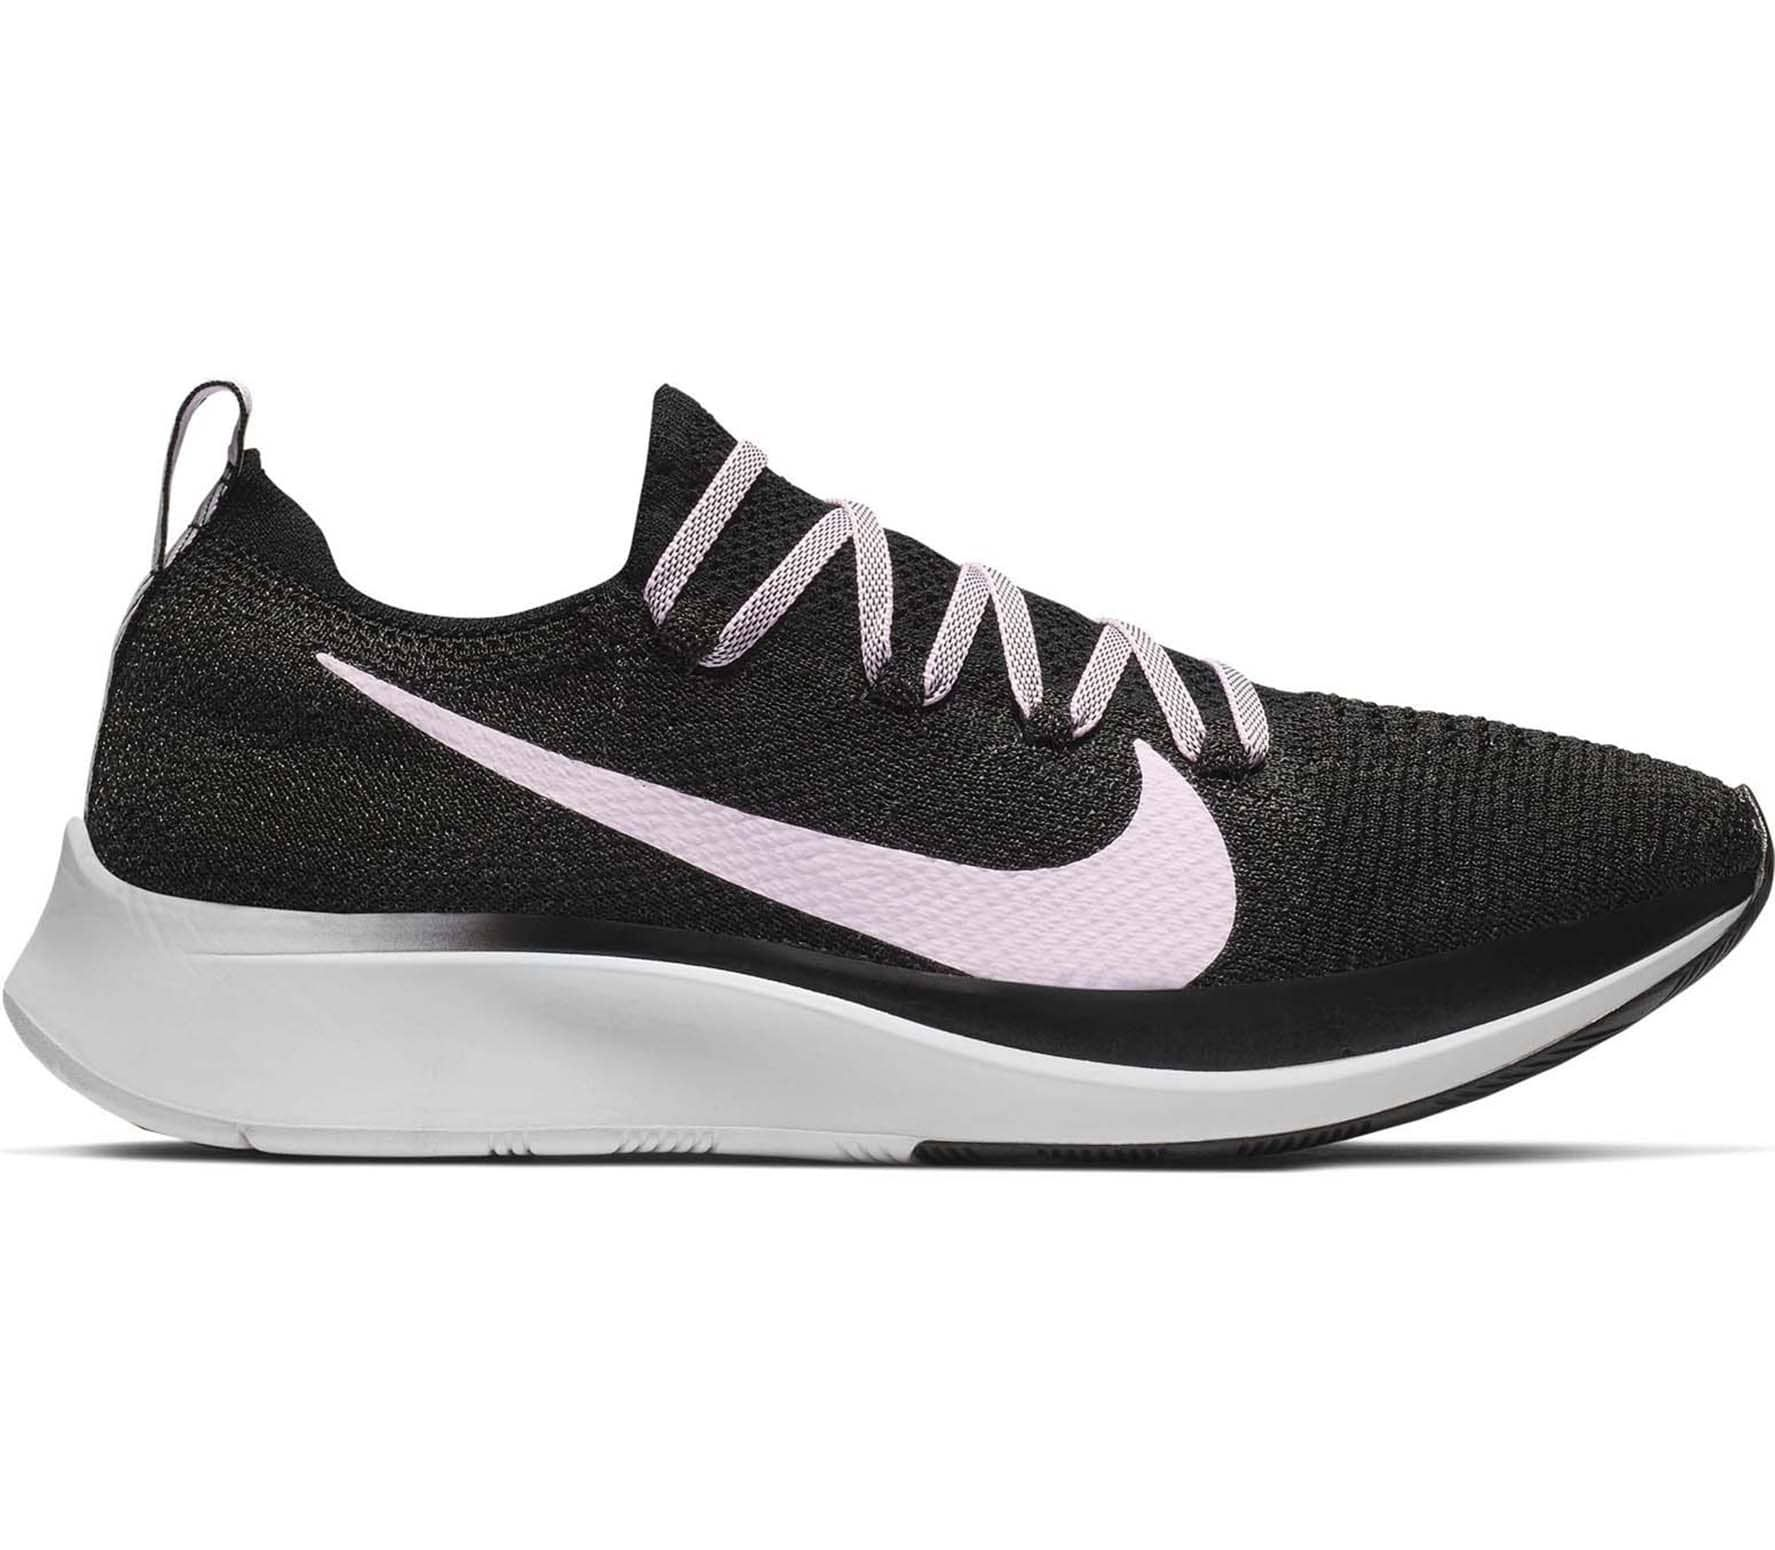 Laufschuhe Nike W ZOOM FLY FLYKNIT